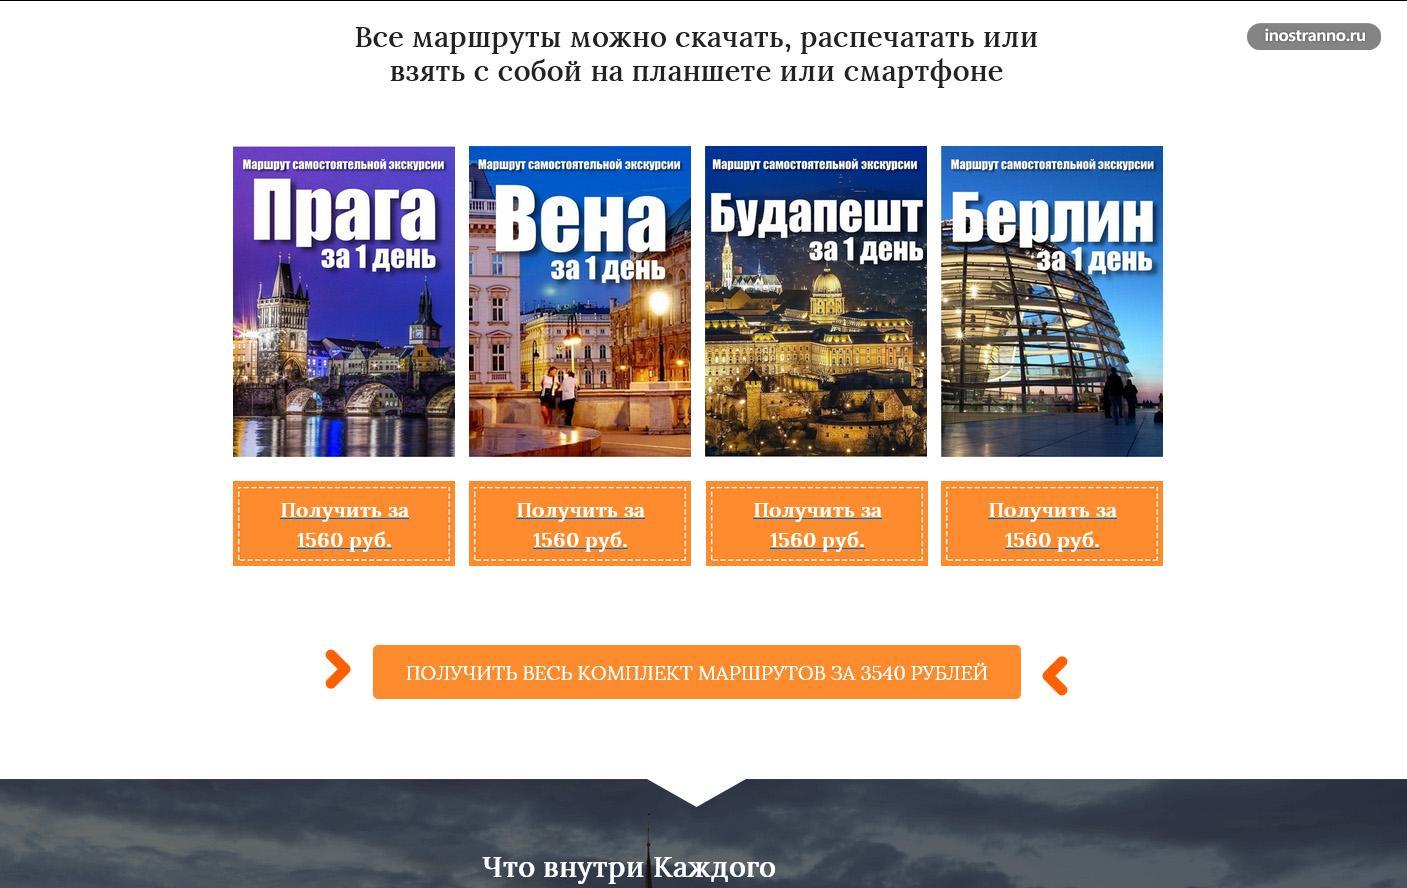 Партнерская программа по продаже маршрутов по городам